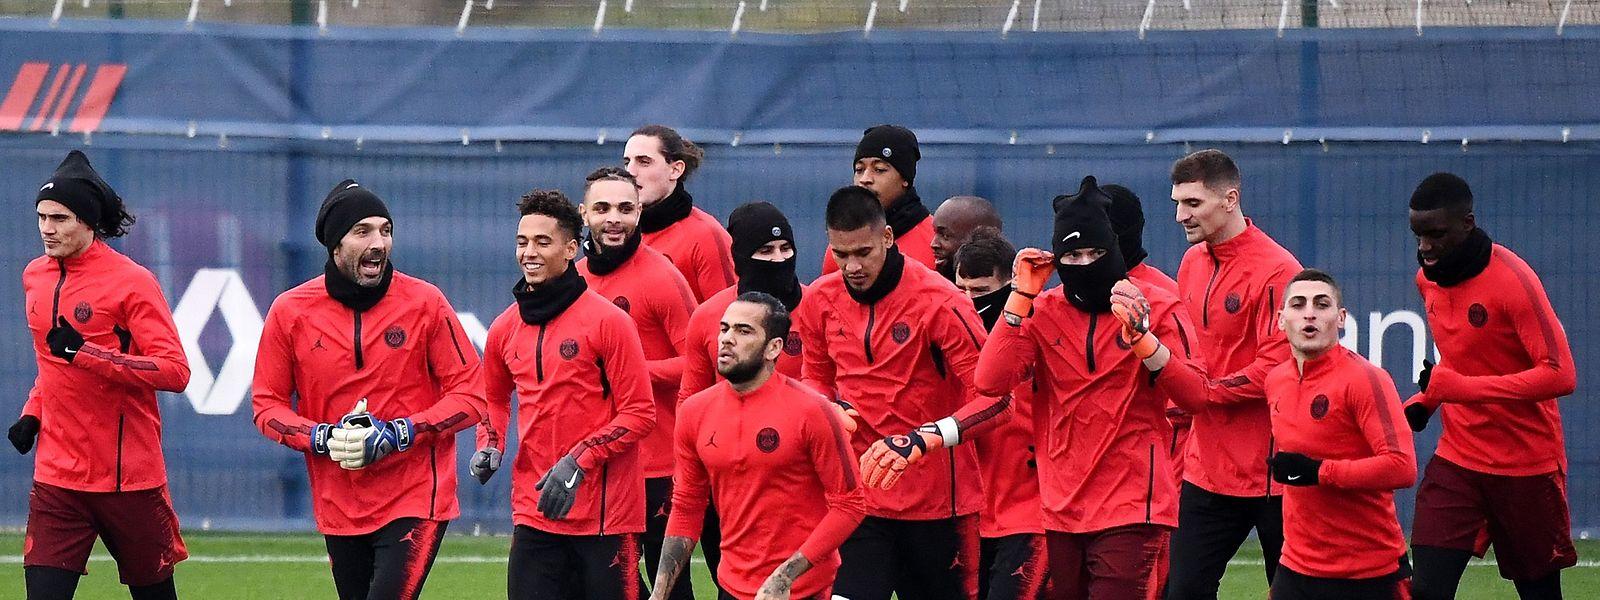 Les joueurs du Paris Saint-Germain vont jouer leur qualification pour les 8es de finale de la C1 ce mercredi contre Liverpool